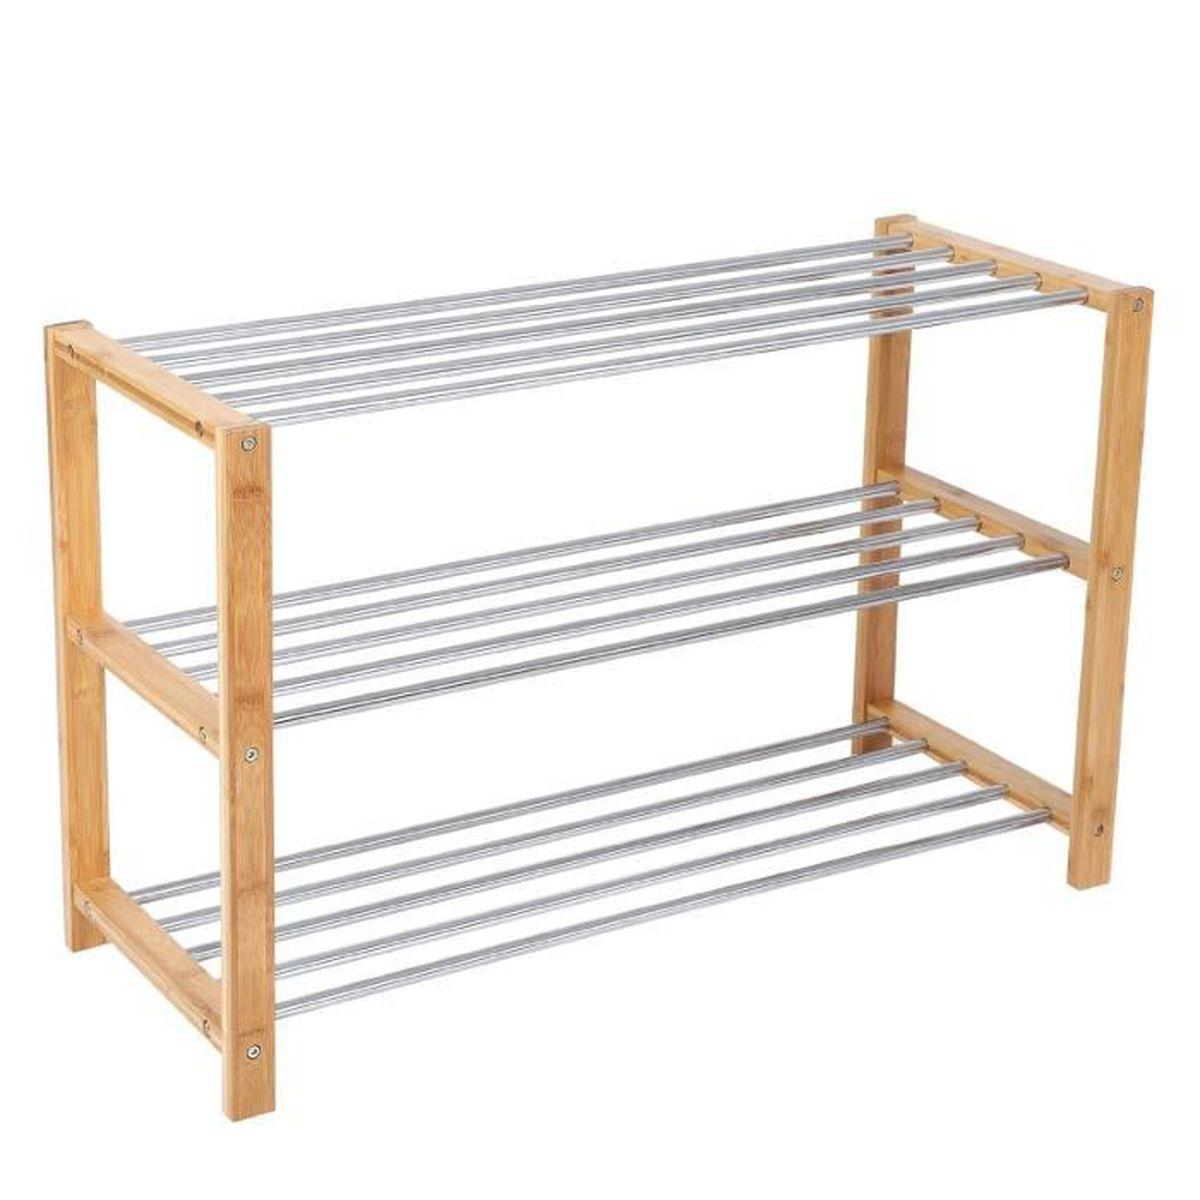 Tag re chaussures 100 bambou naturel 3 niveaux meublerangement si ge pour chausser 80 x - Etagere pour chaussure ...